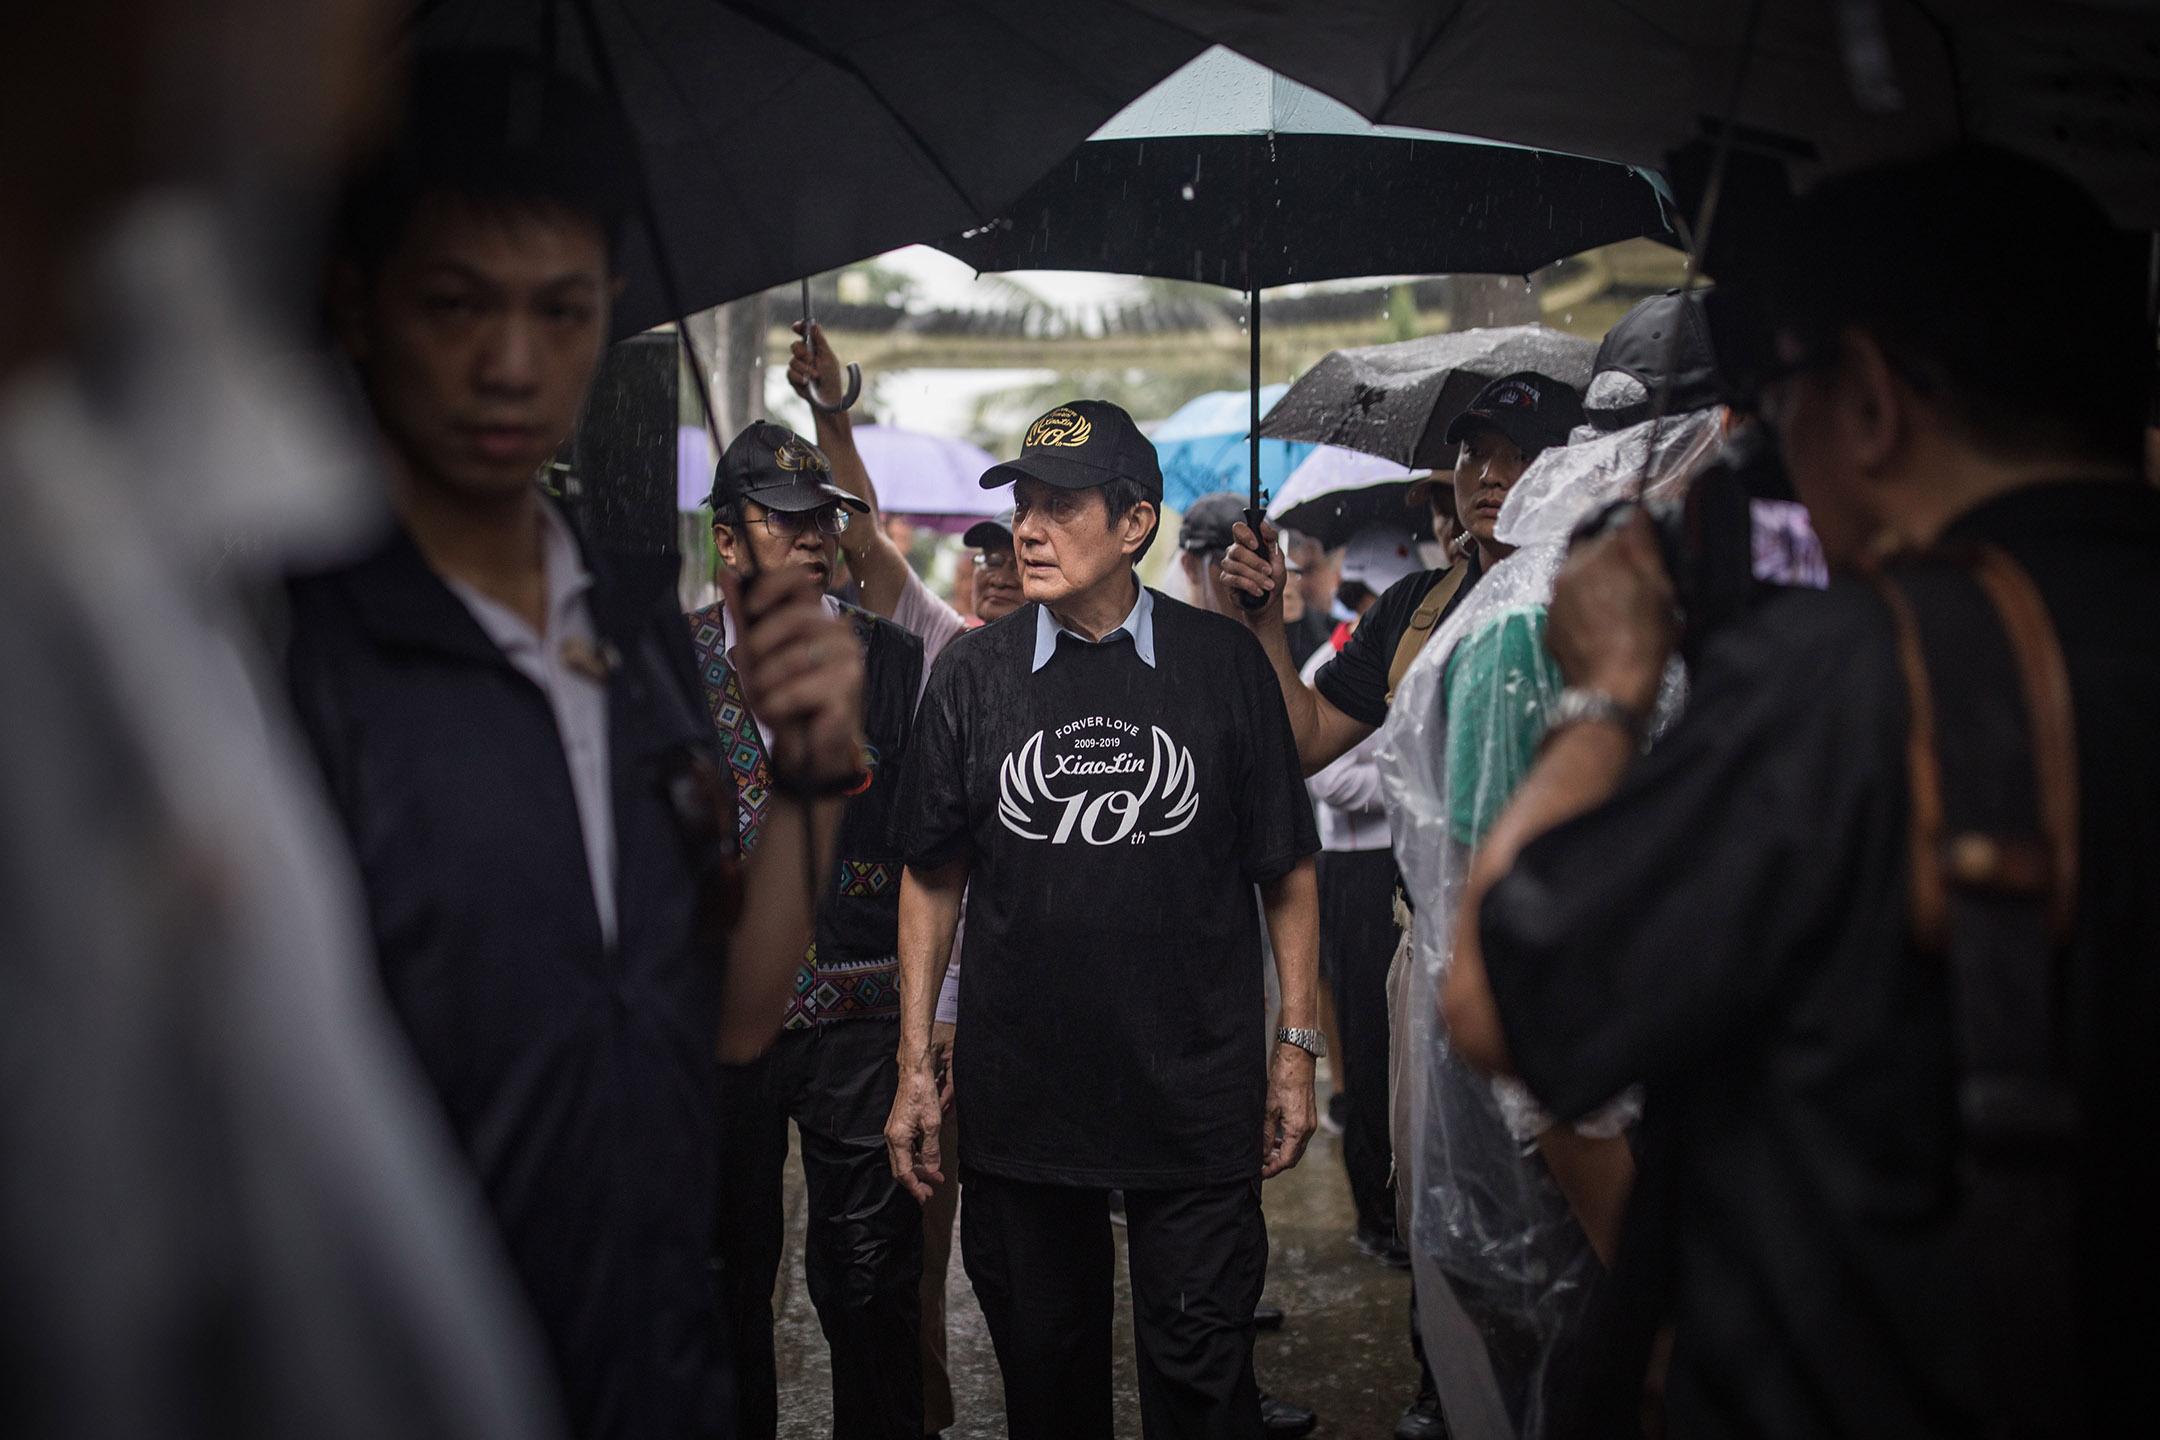 2019年8月8日,馬英九於高雄出席「小林村莫拉克重建10週年『一起回家,好嗎?』紀念活動」。 攝:陳焯煇/端傳媒